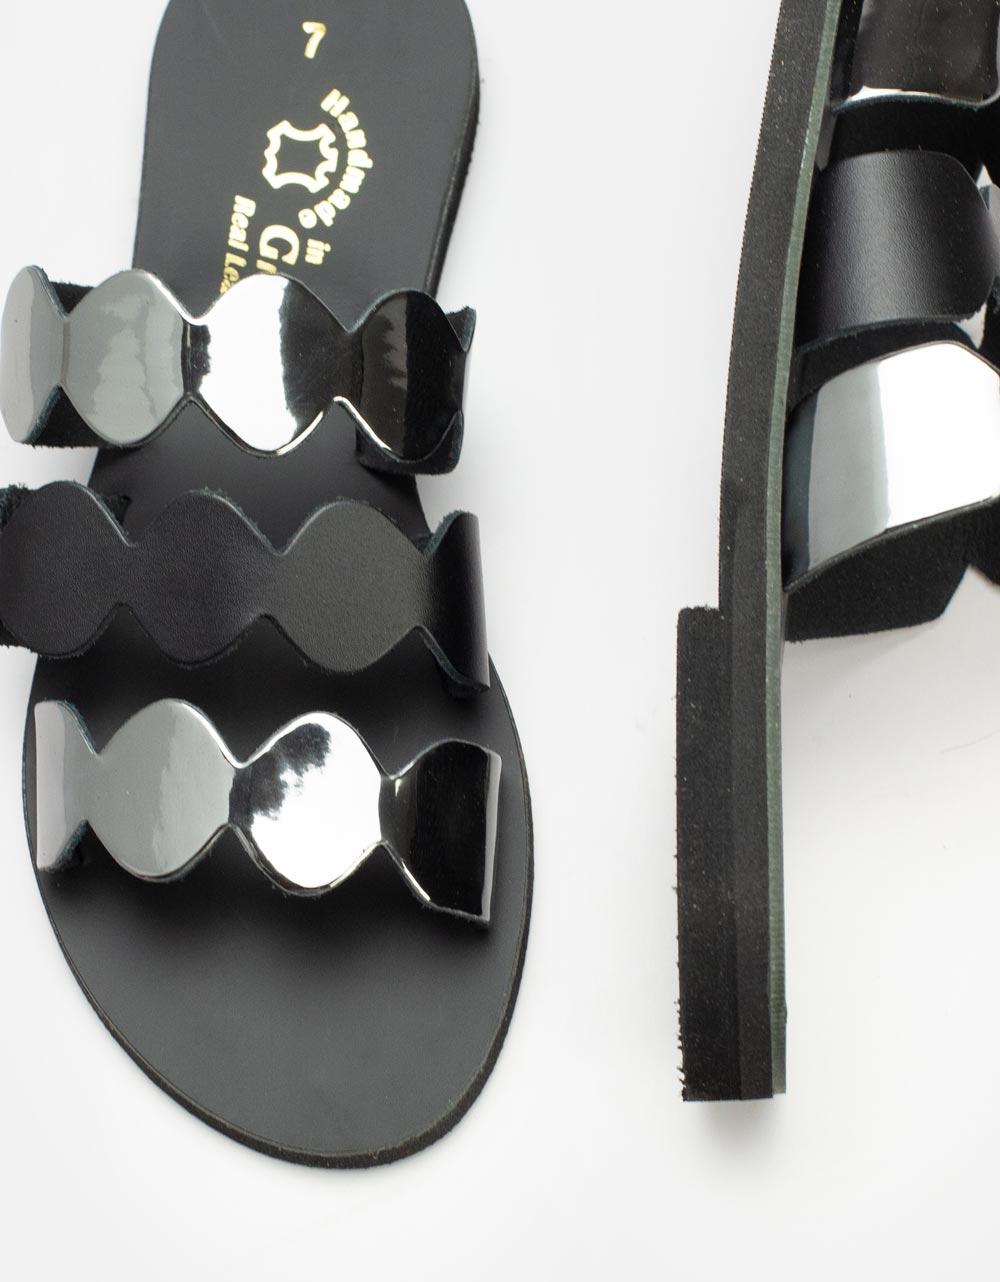 Εικόνα από Γυναικεία δερμάτινα σανδάλια με διπλό υλικό και λουράκια Ασημί/Μαύρο